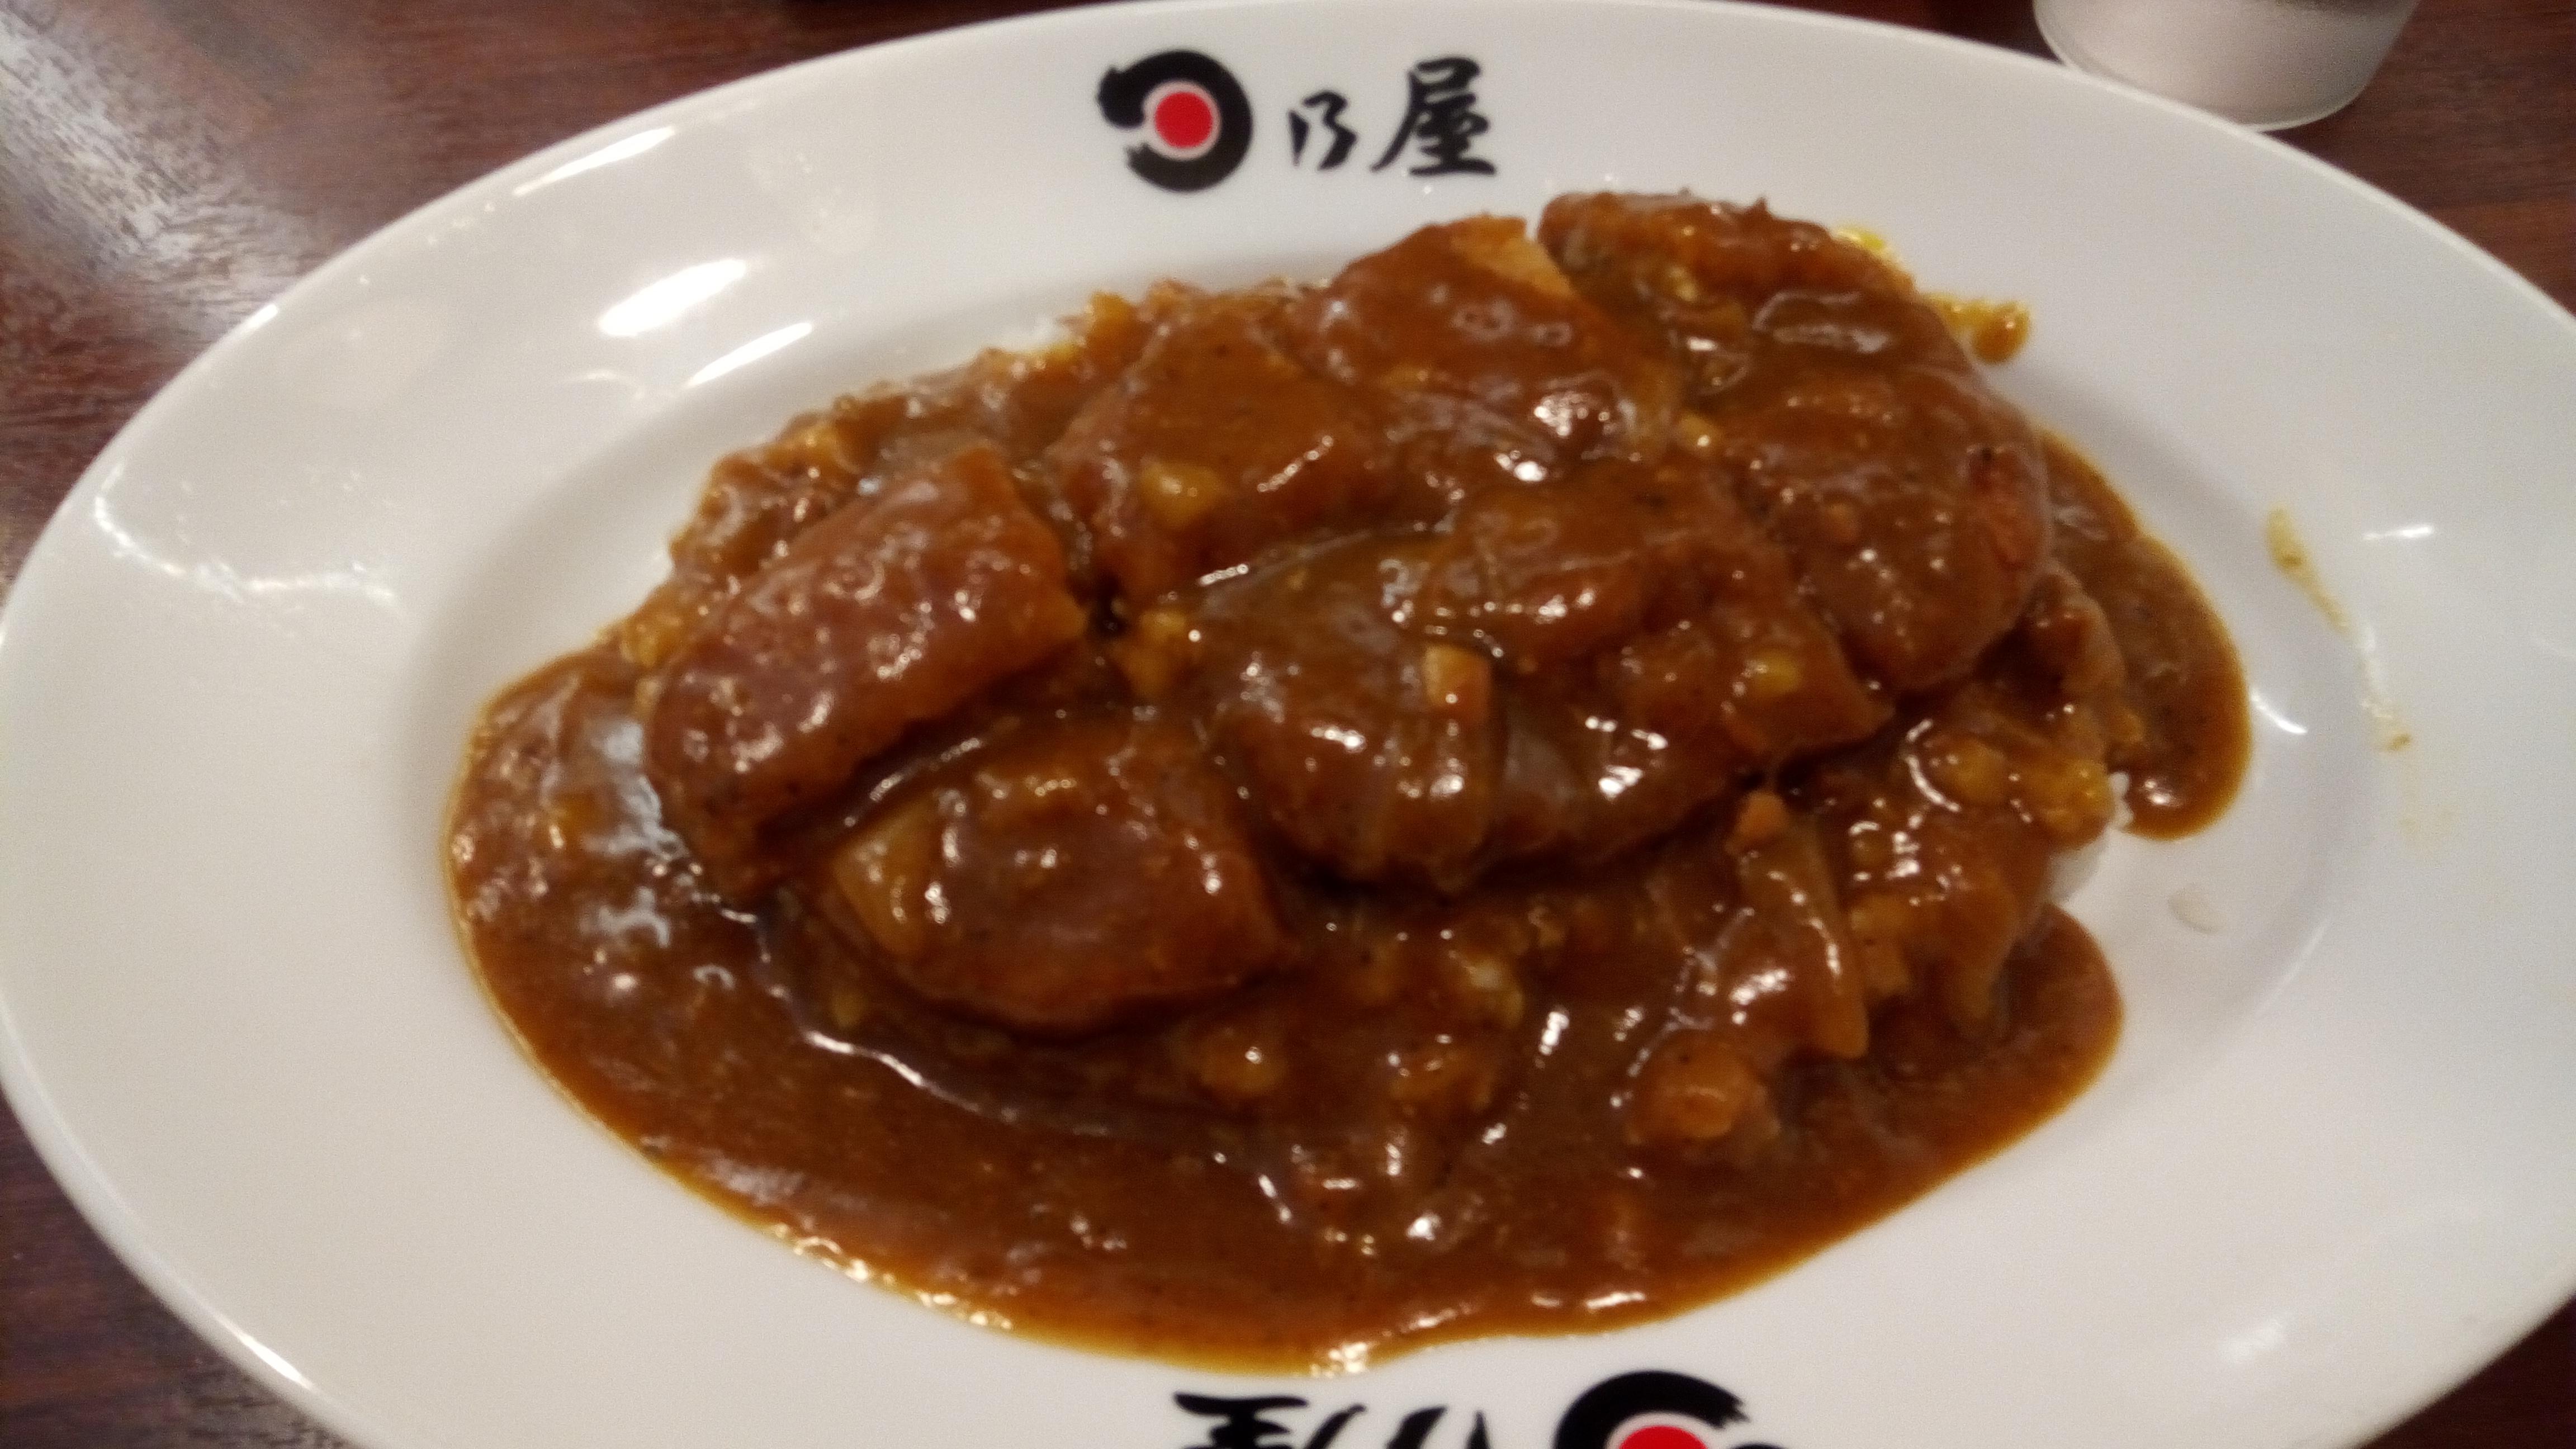 大阪「甘辛系カレー」~ 日乃屋カレーの「名物カツカレー」